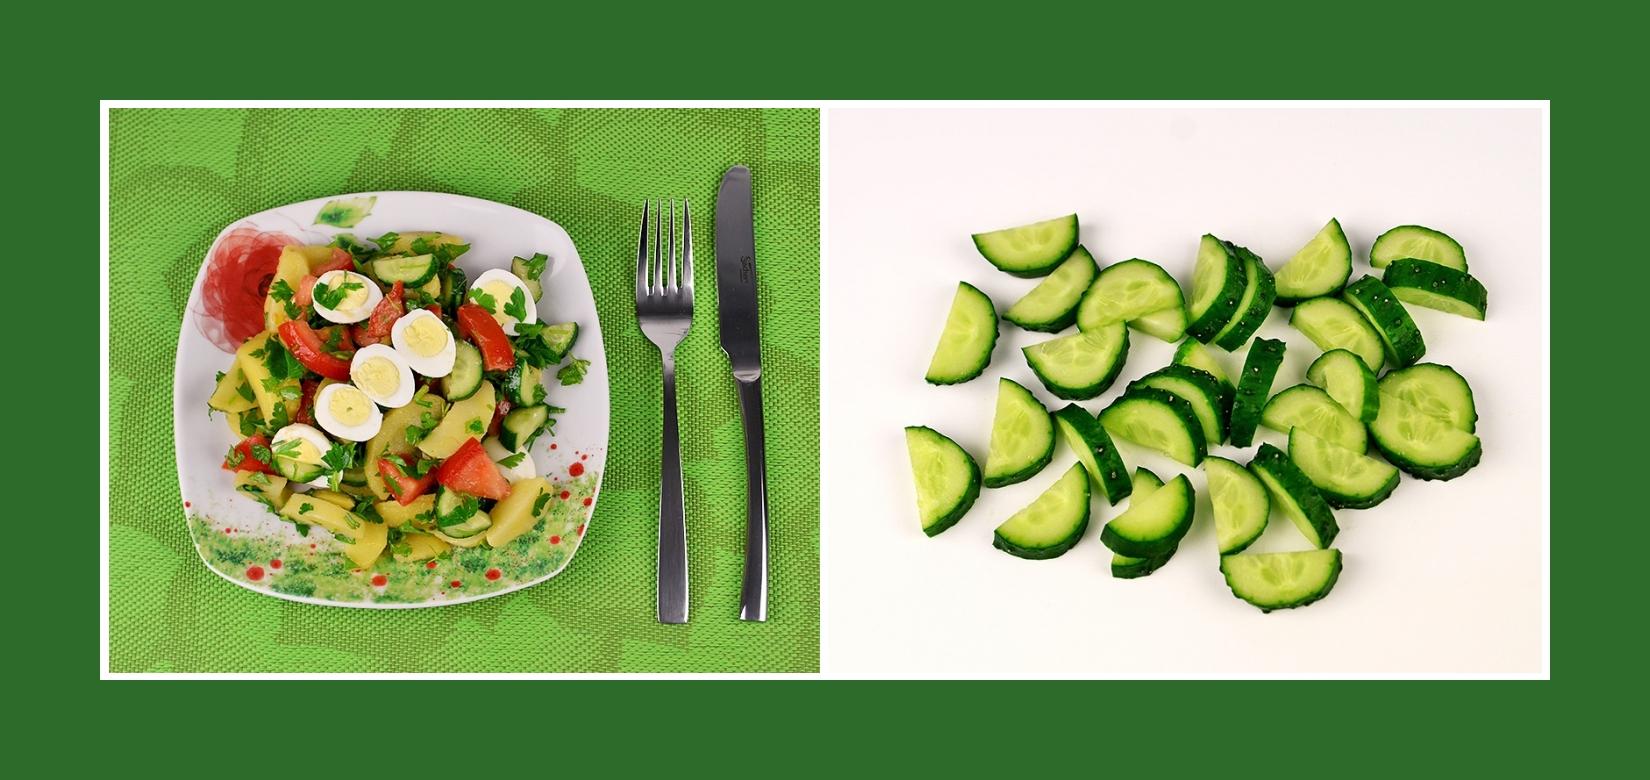 Frische Gurken für Kartoffelsalat mit Wachtelei